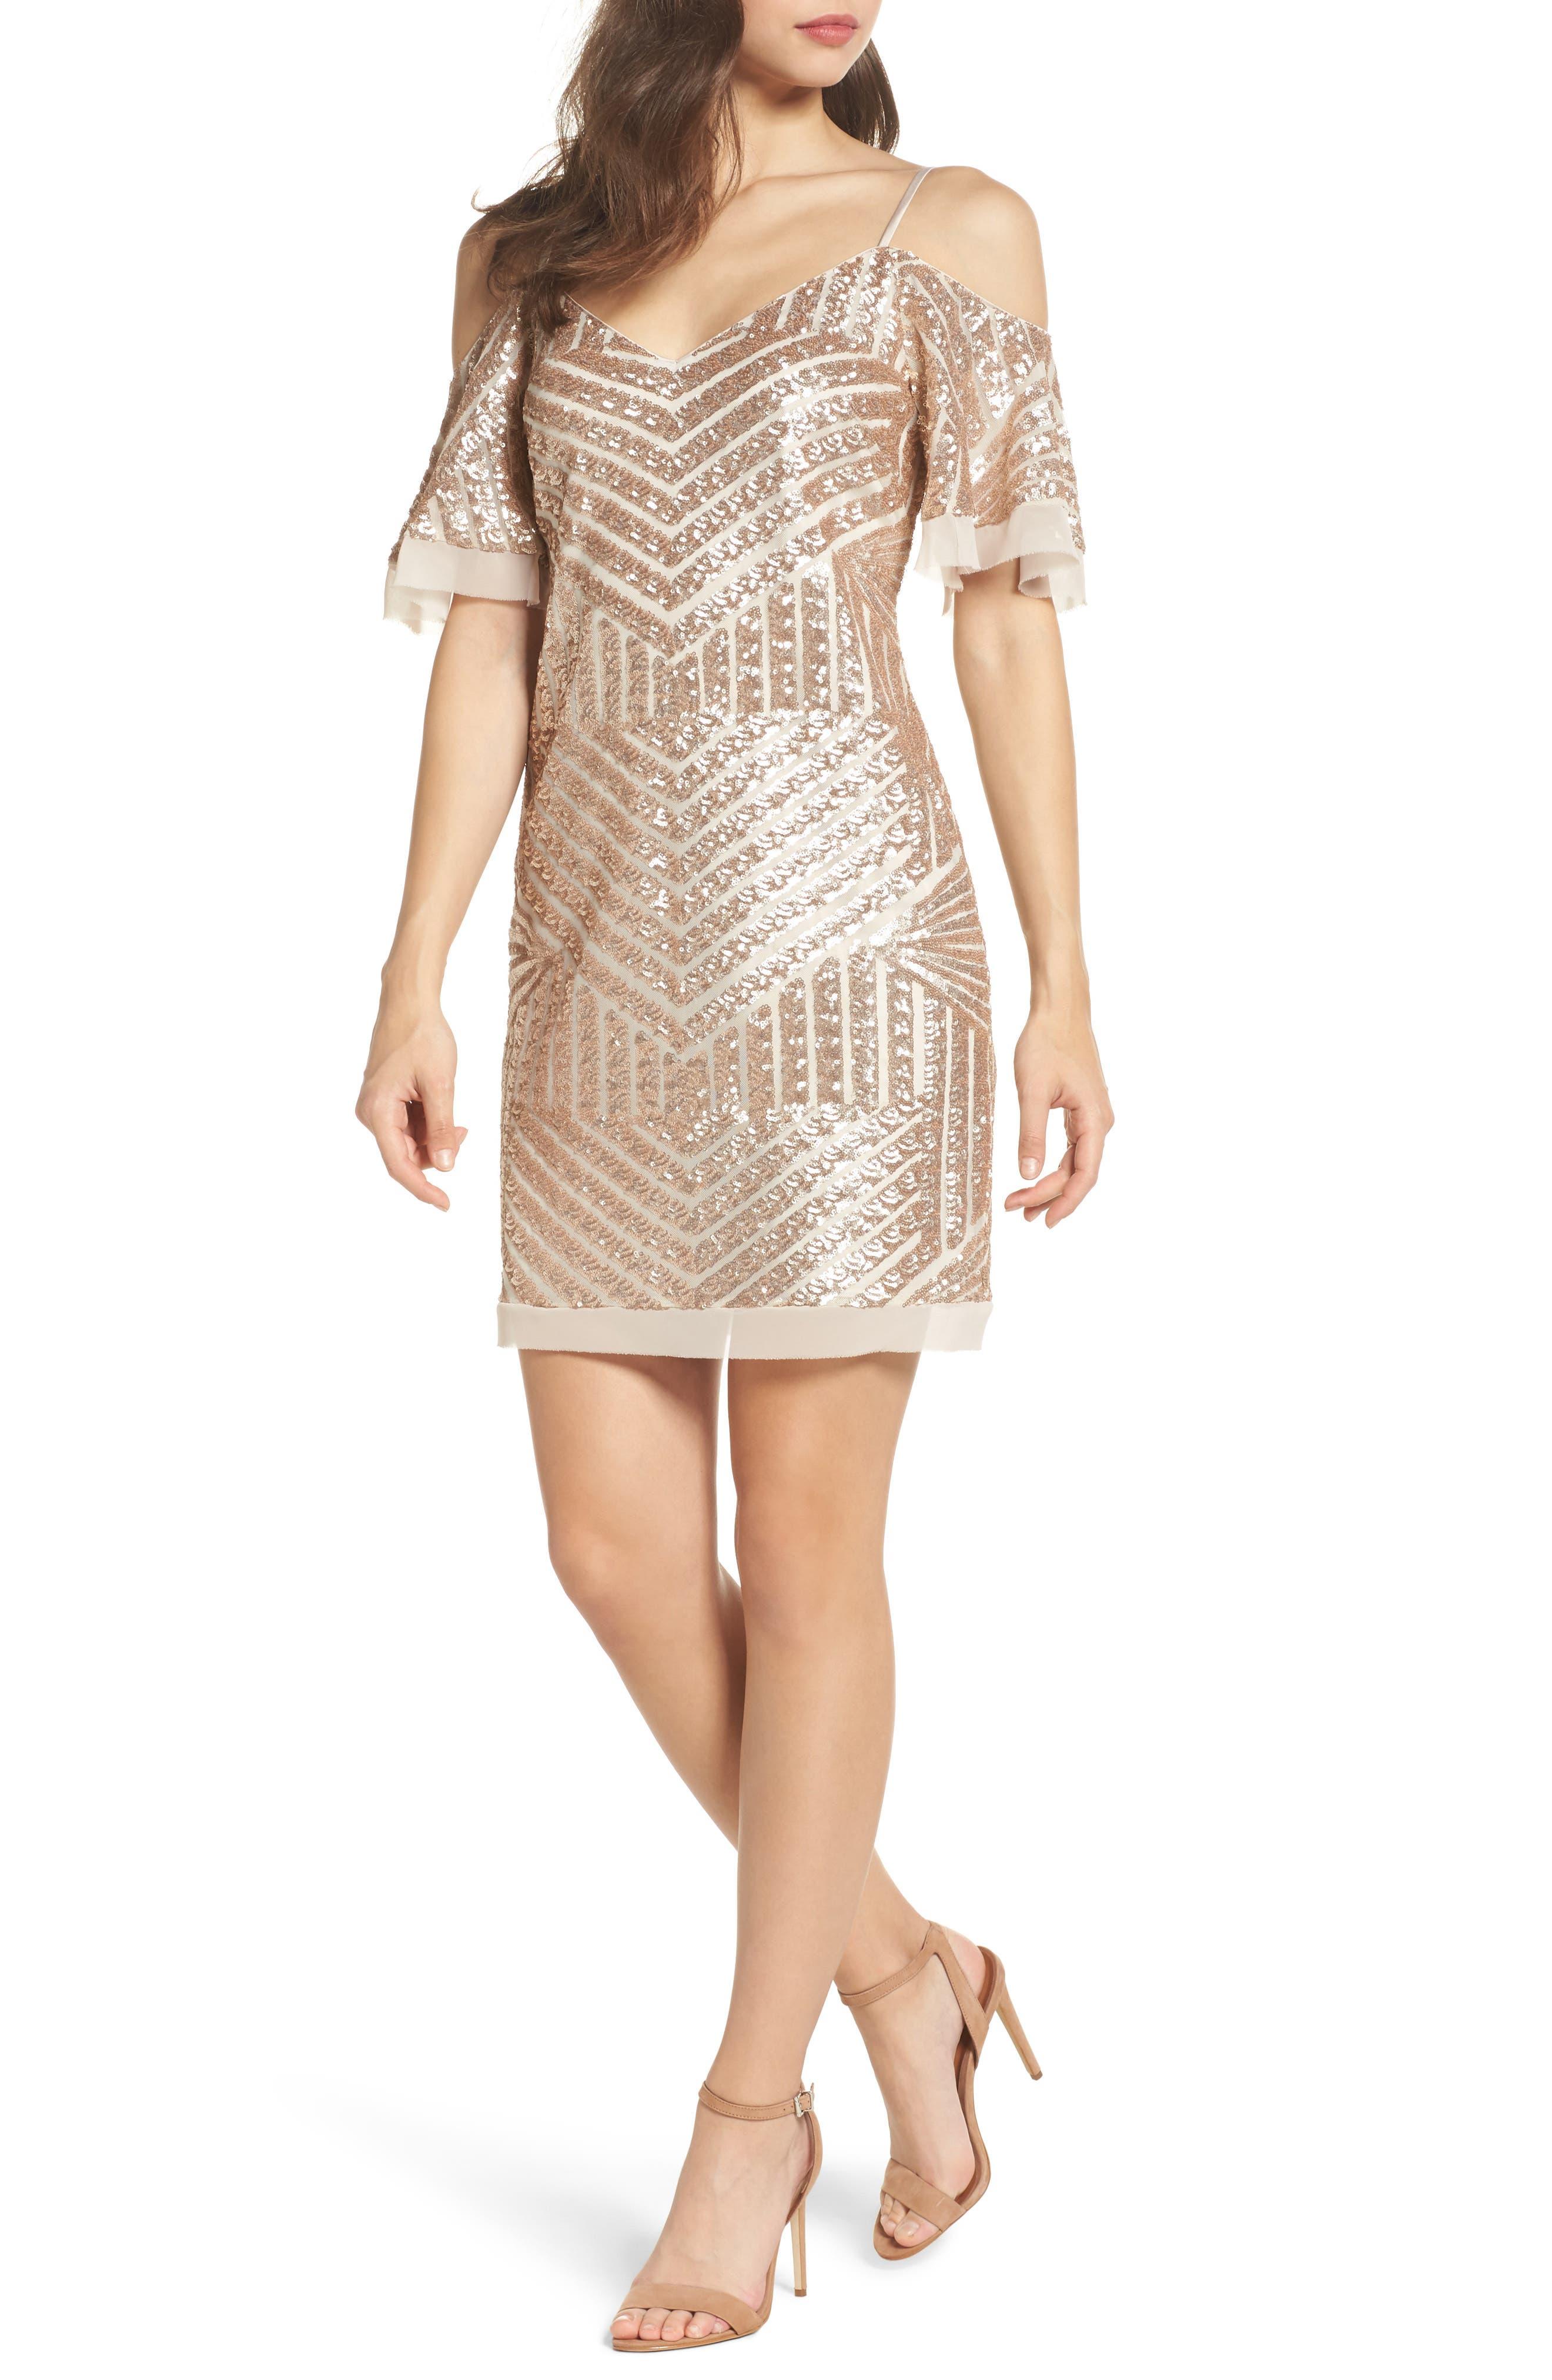 Main Image - Vince Camuto Sequin Cold Shoulder Dress (Regular & Petite)